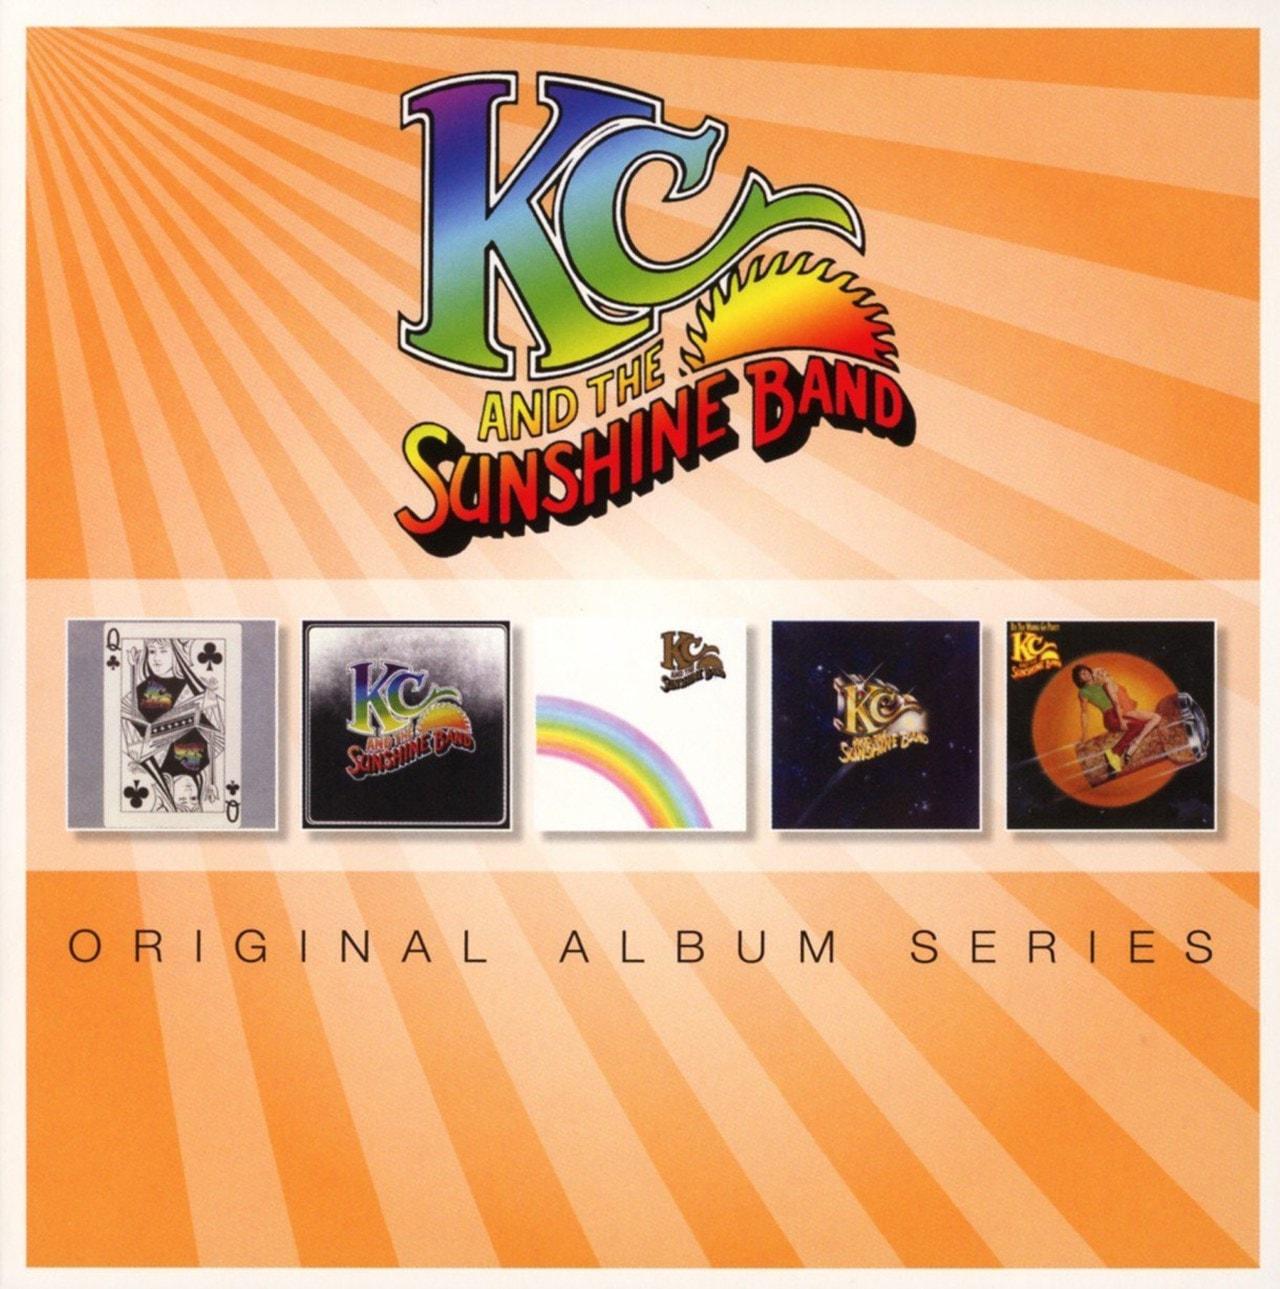 KC and the Sunshine Band - 1